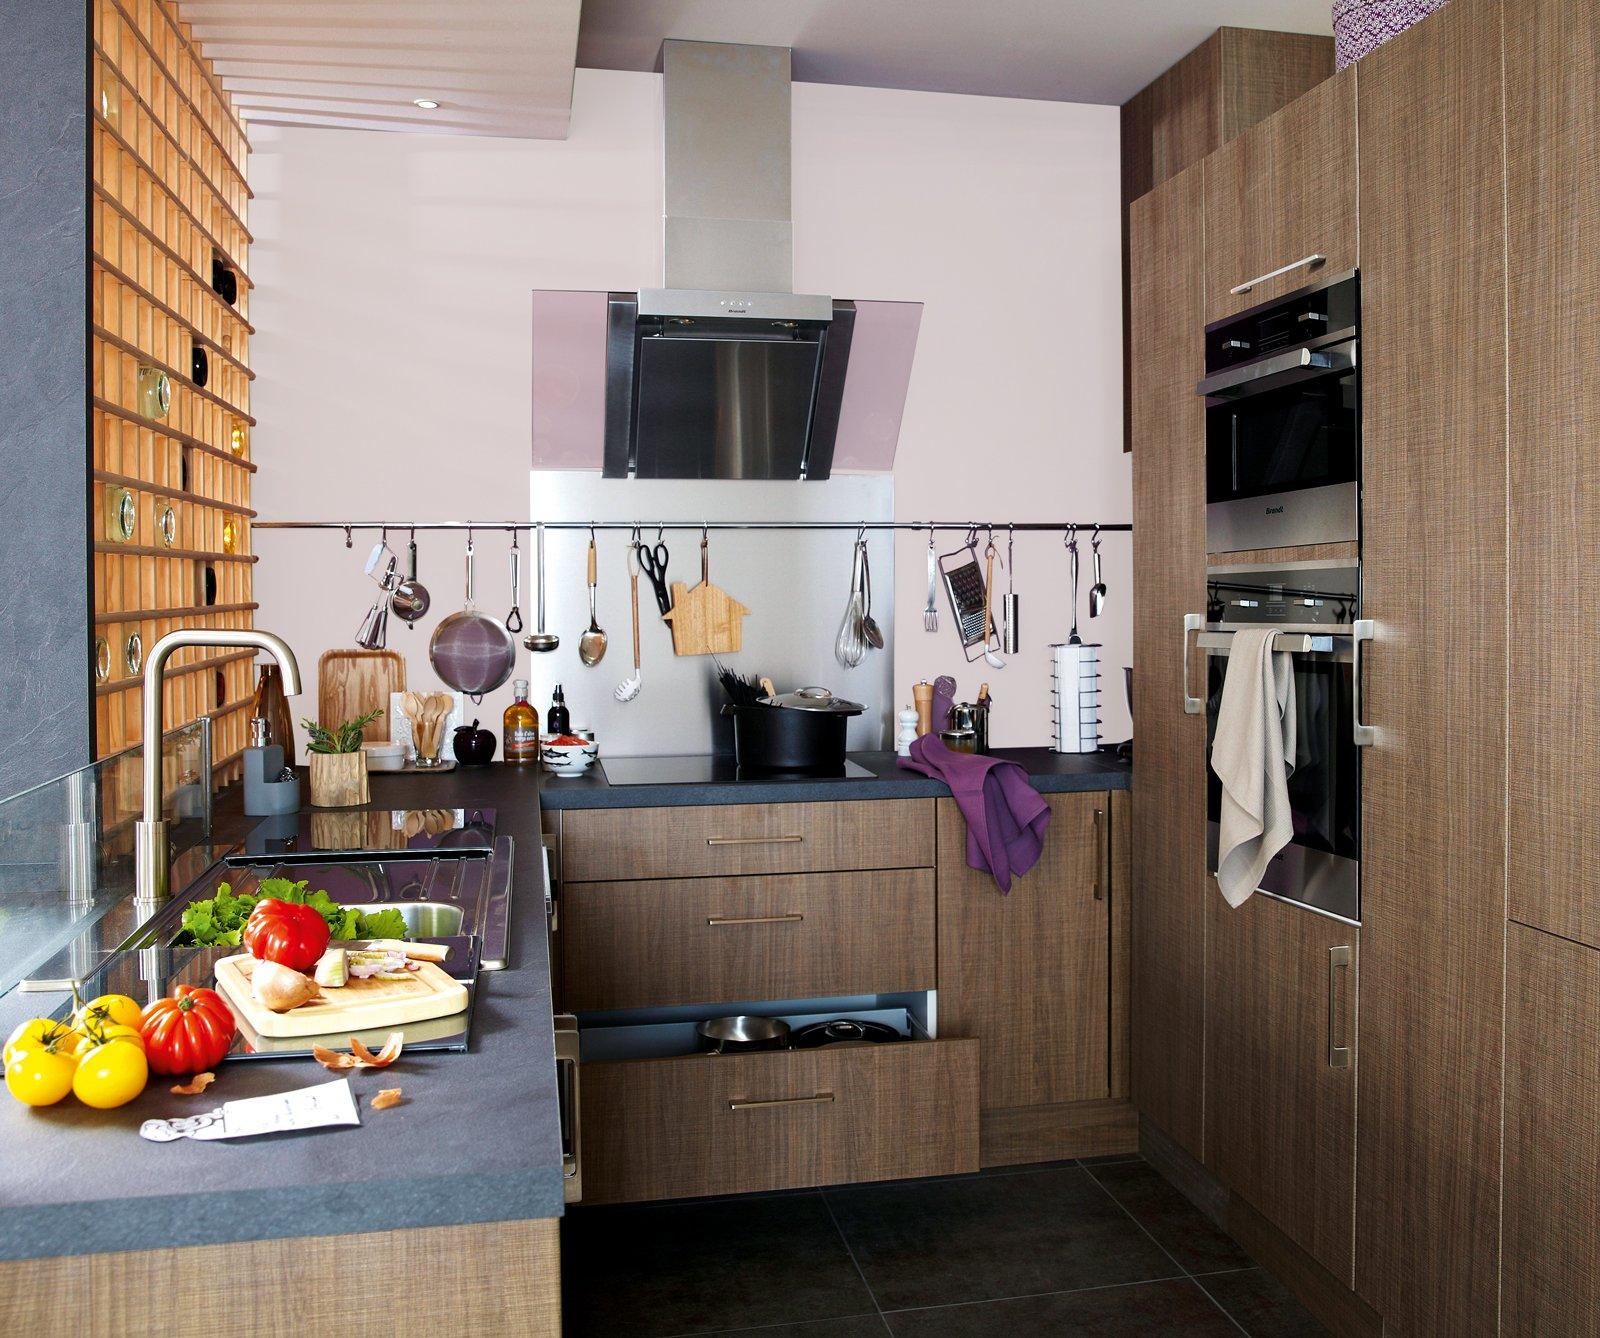 Cucine Piccole Complete Di Tutto Quello Cui Non Si Può Rinunciare  #9E642D 1600 1338 Pensili E Basi Cucina Ikea